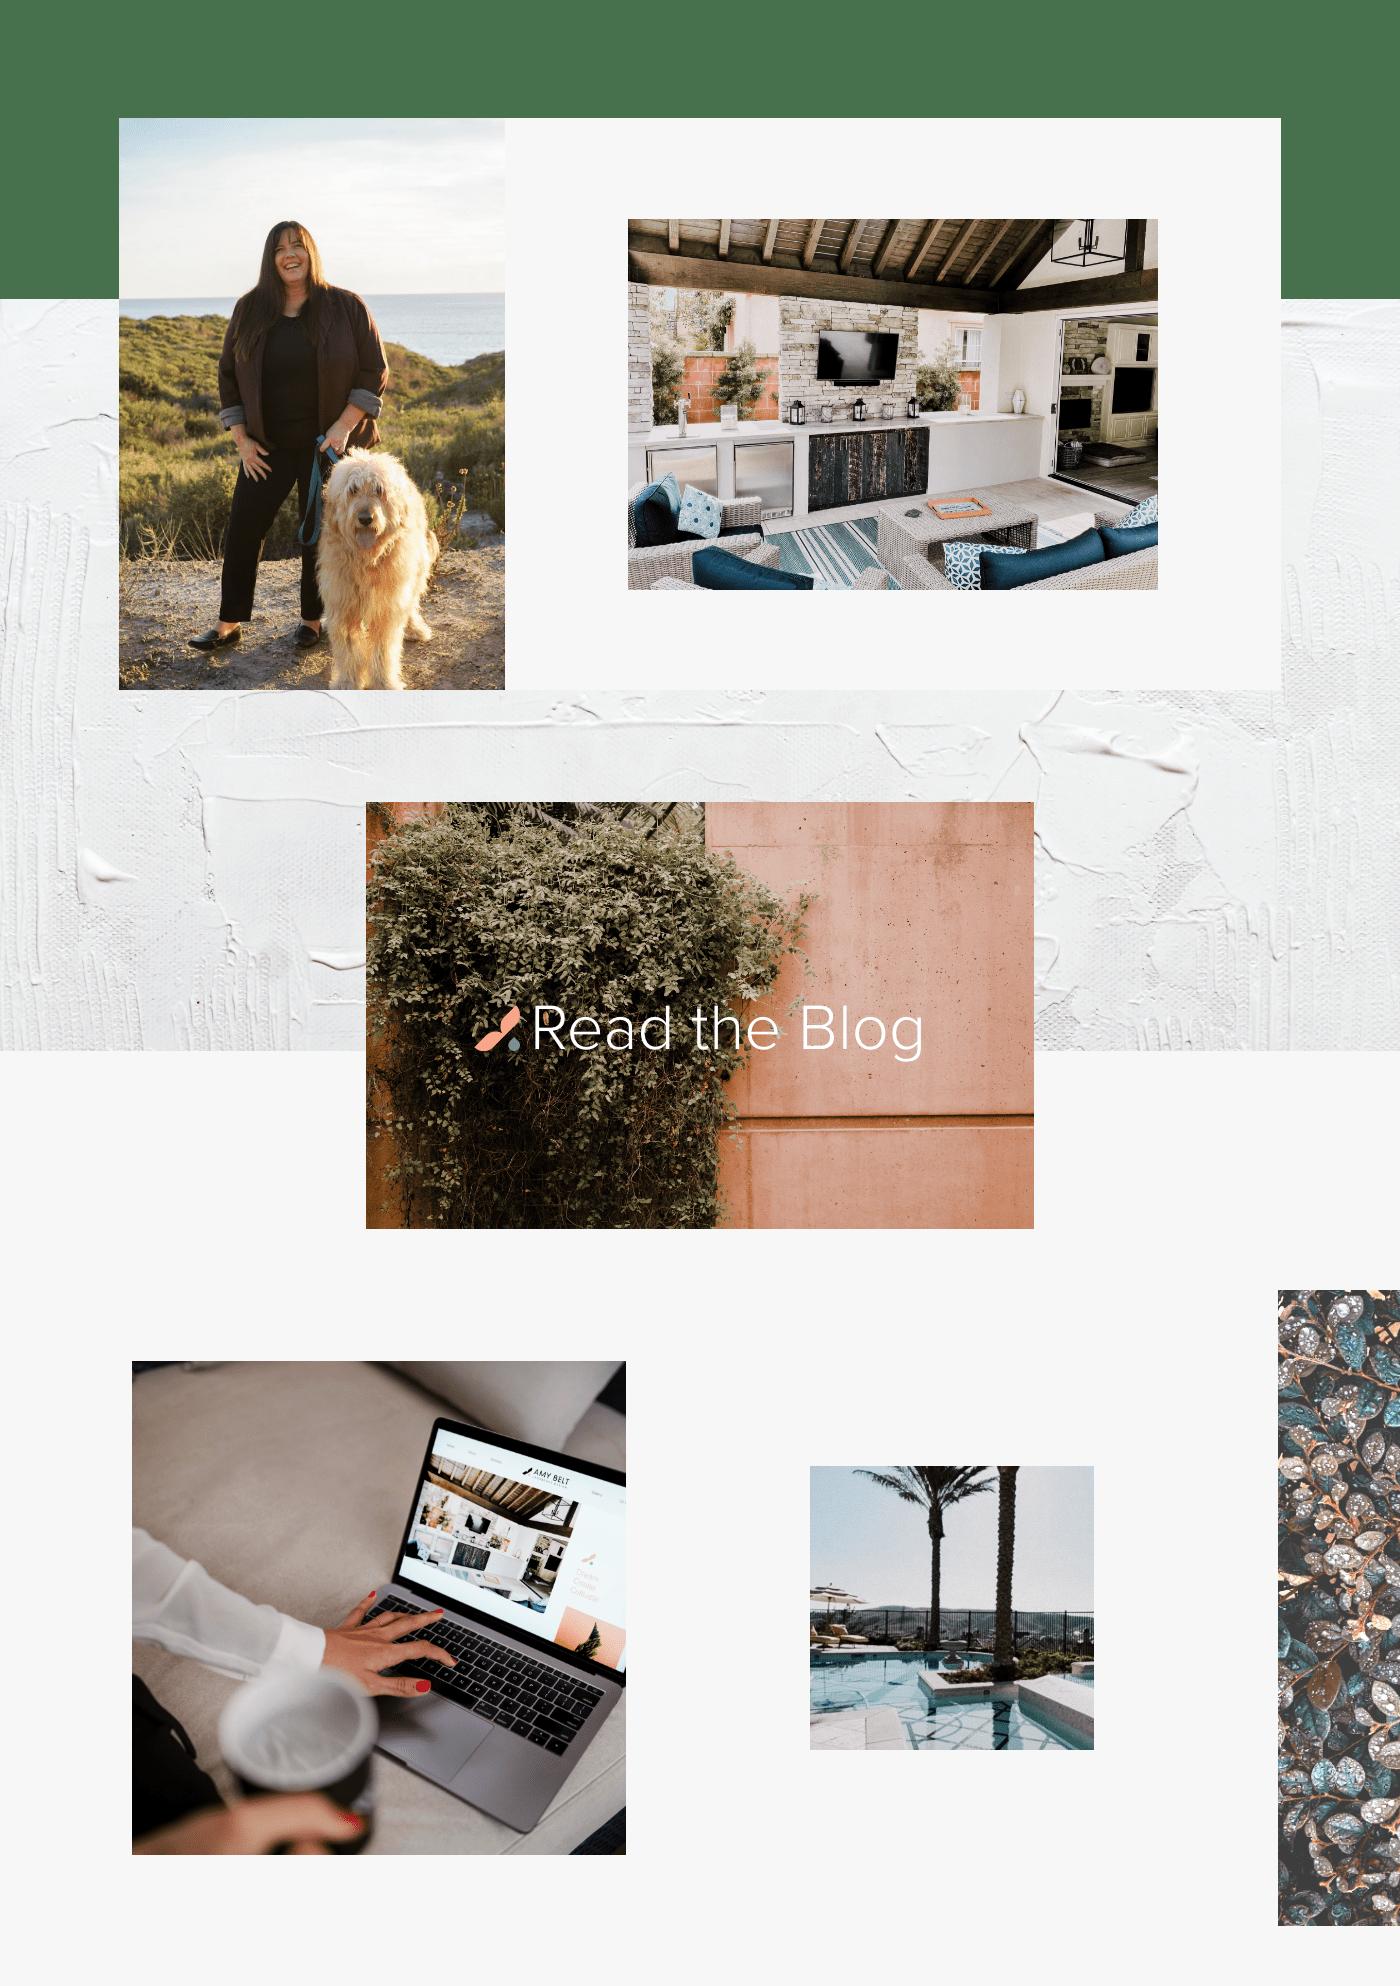 Amy Belt website by Wink Digital